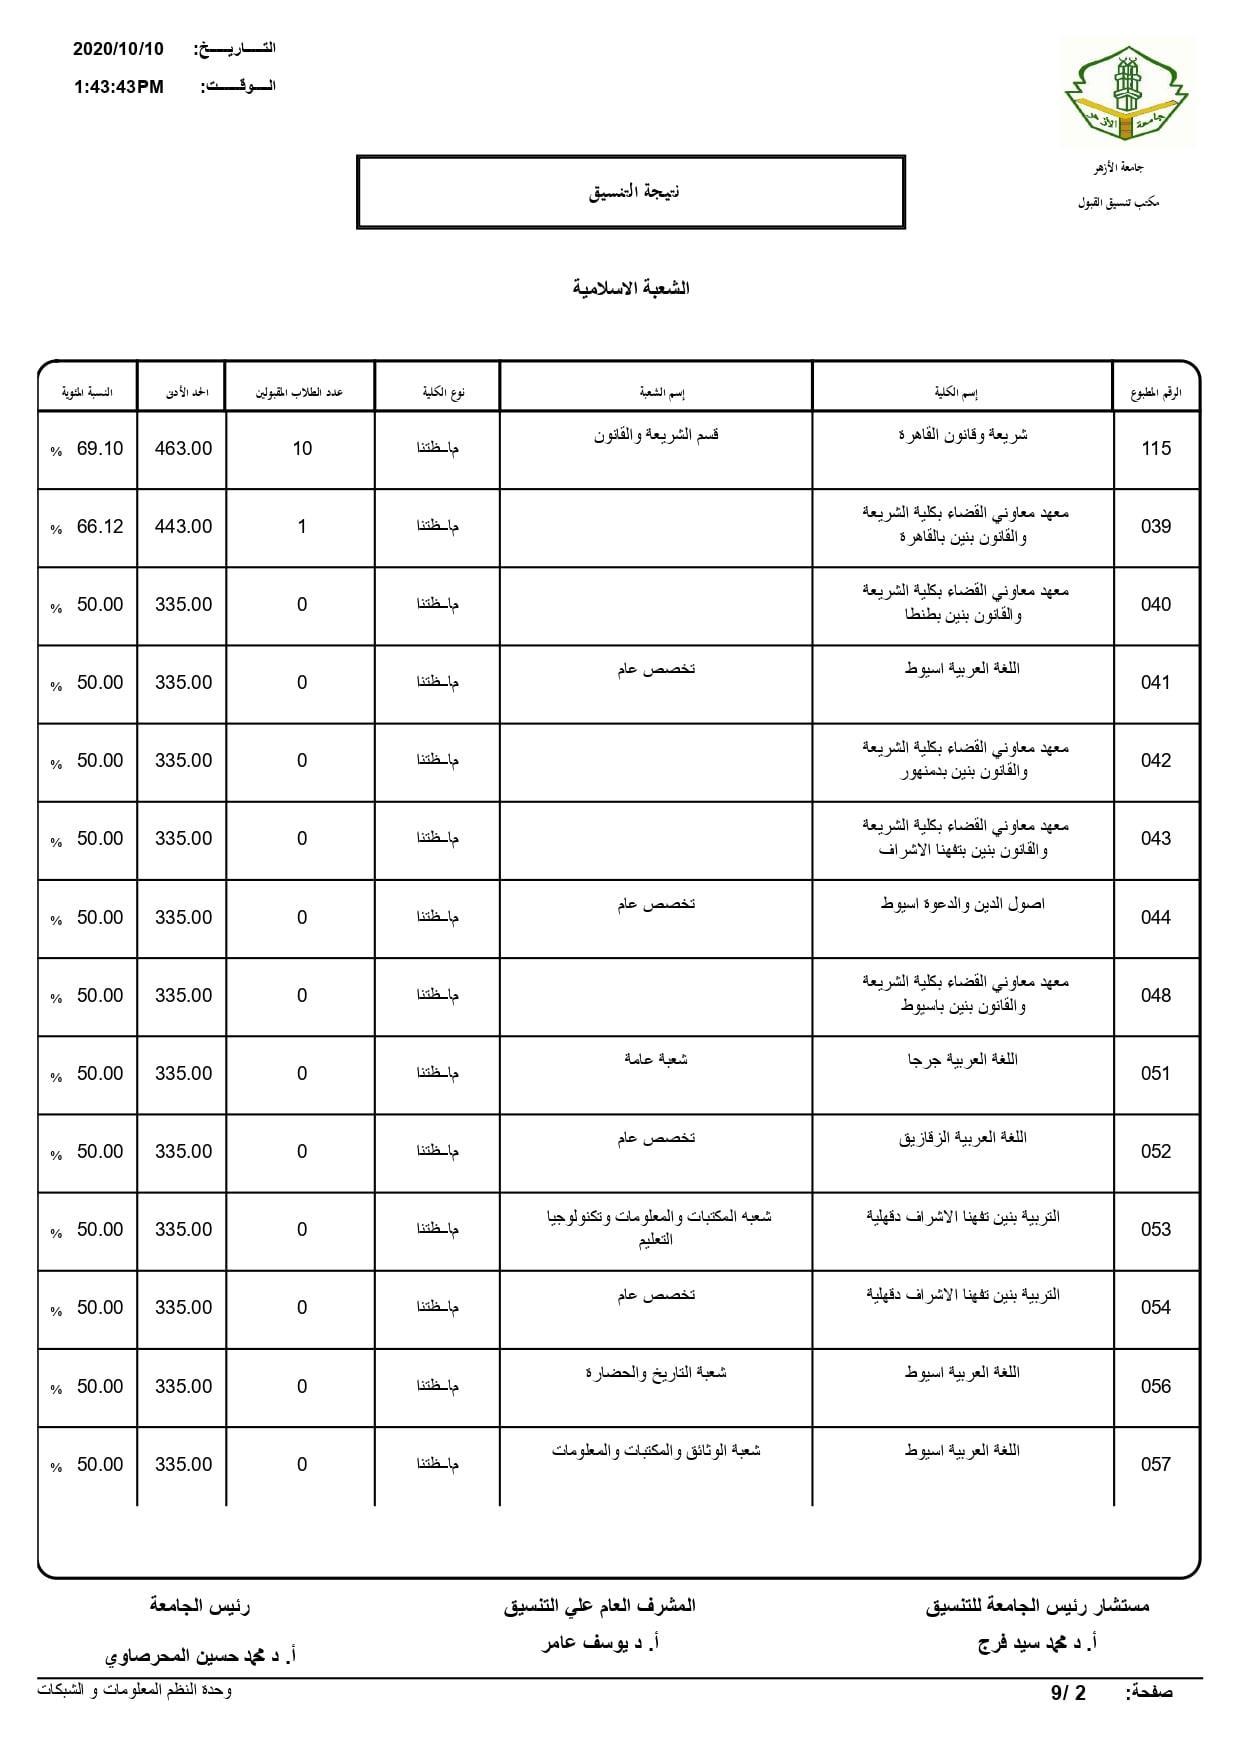 نتيجة تنسيق كليات جامعة الأزهر لعام 2020 بالكامل 20201010195723963